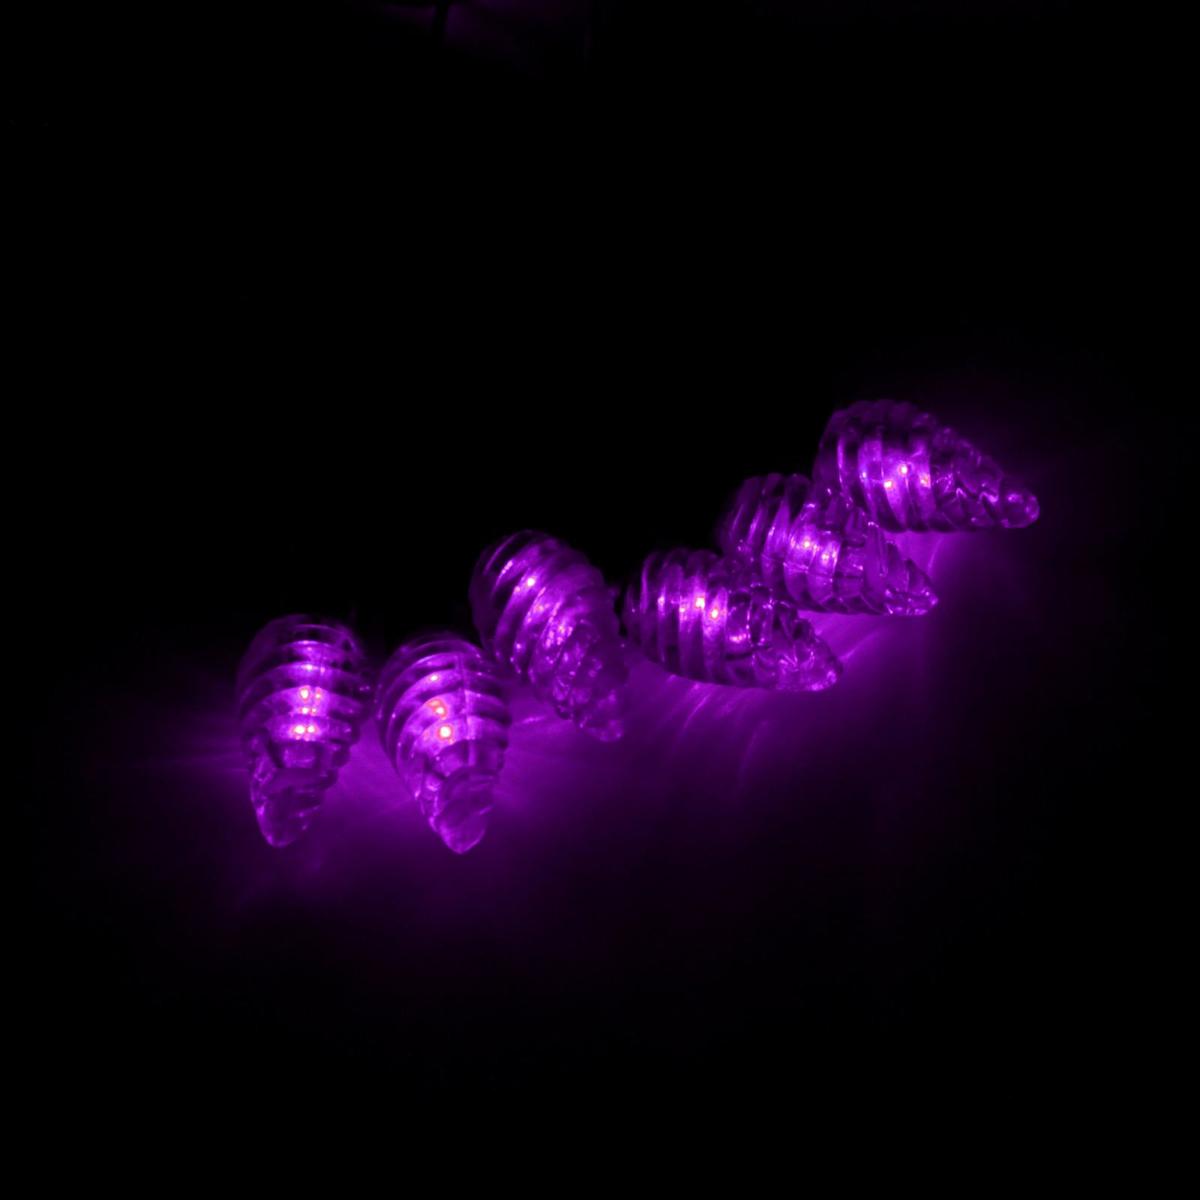 Гирлянда светодиодная Luazon Метраж. Растаявший лед, уличная с насадкой, фиксинг, 40 ламп, 220 V, 5 м, цвет: фиолетовый. 185571185571Светодиодные гирлянды, ленты и т.д. — это отличный вариант для новогоднего оформления интерьера или фасада. С их помощью помещение любого размера можно превратить в праздничный зал, а внешние элементы зданий, украшенные ими, мгновенно станут напоминать очертания сказочного дворца. Такие украшения создают ауру предвкушения чуда. Деревья, фасады, витрины, окна и арки будто специально созданы, чтобы вы украсили их светящимися нитями.